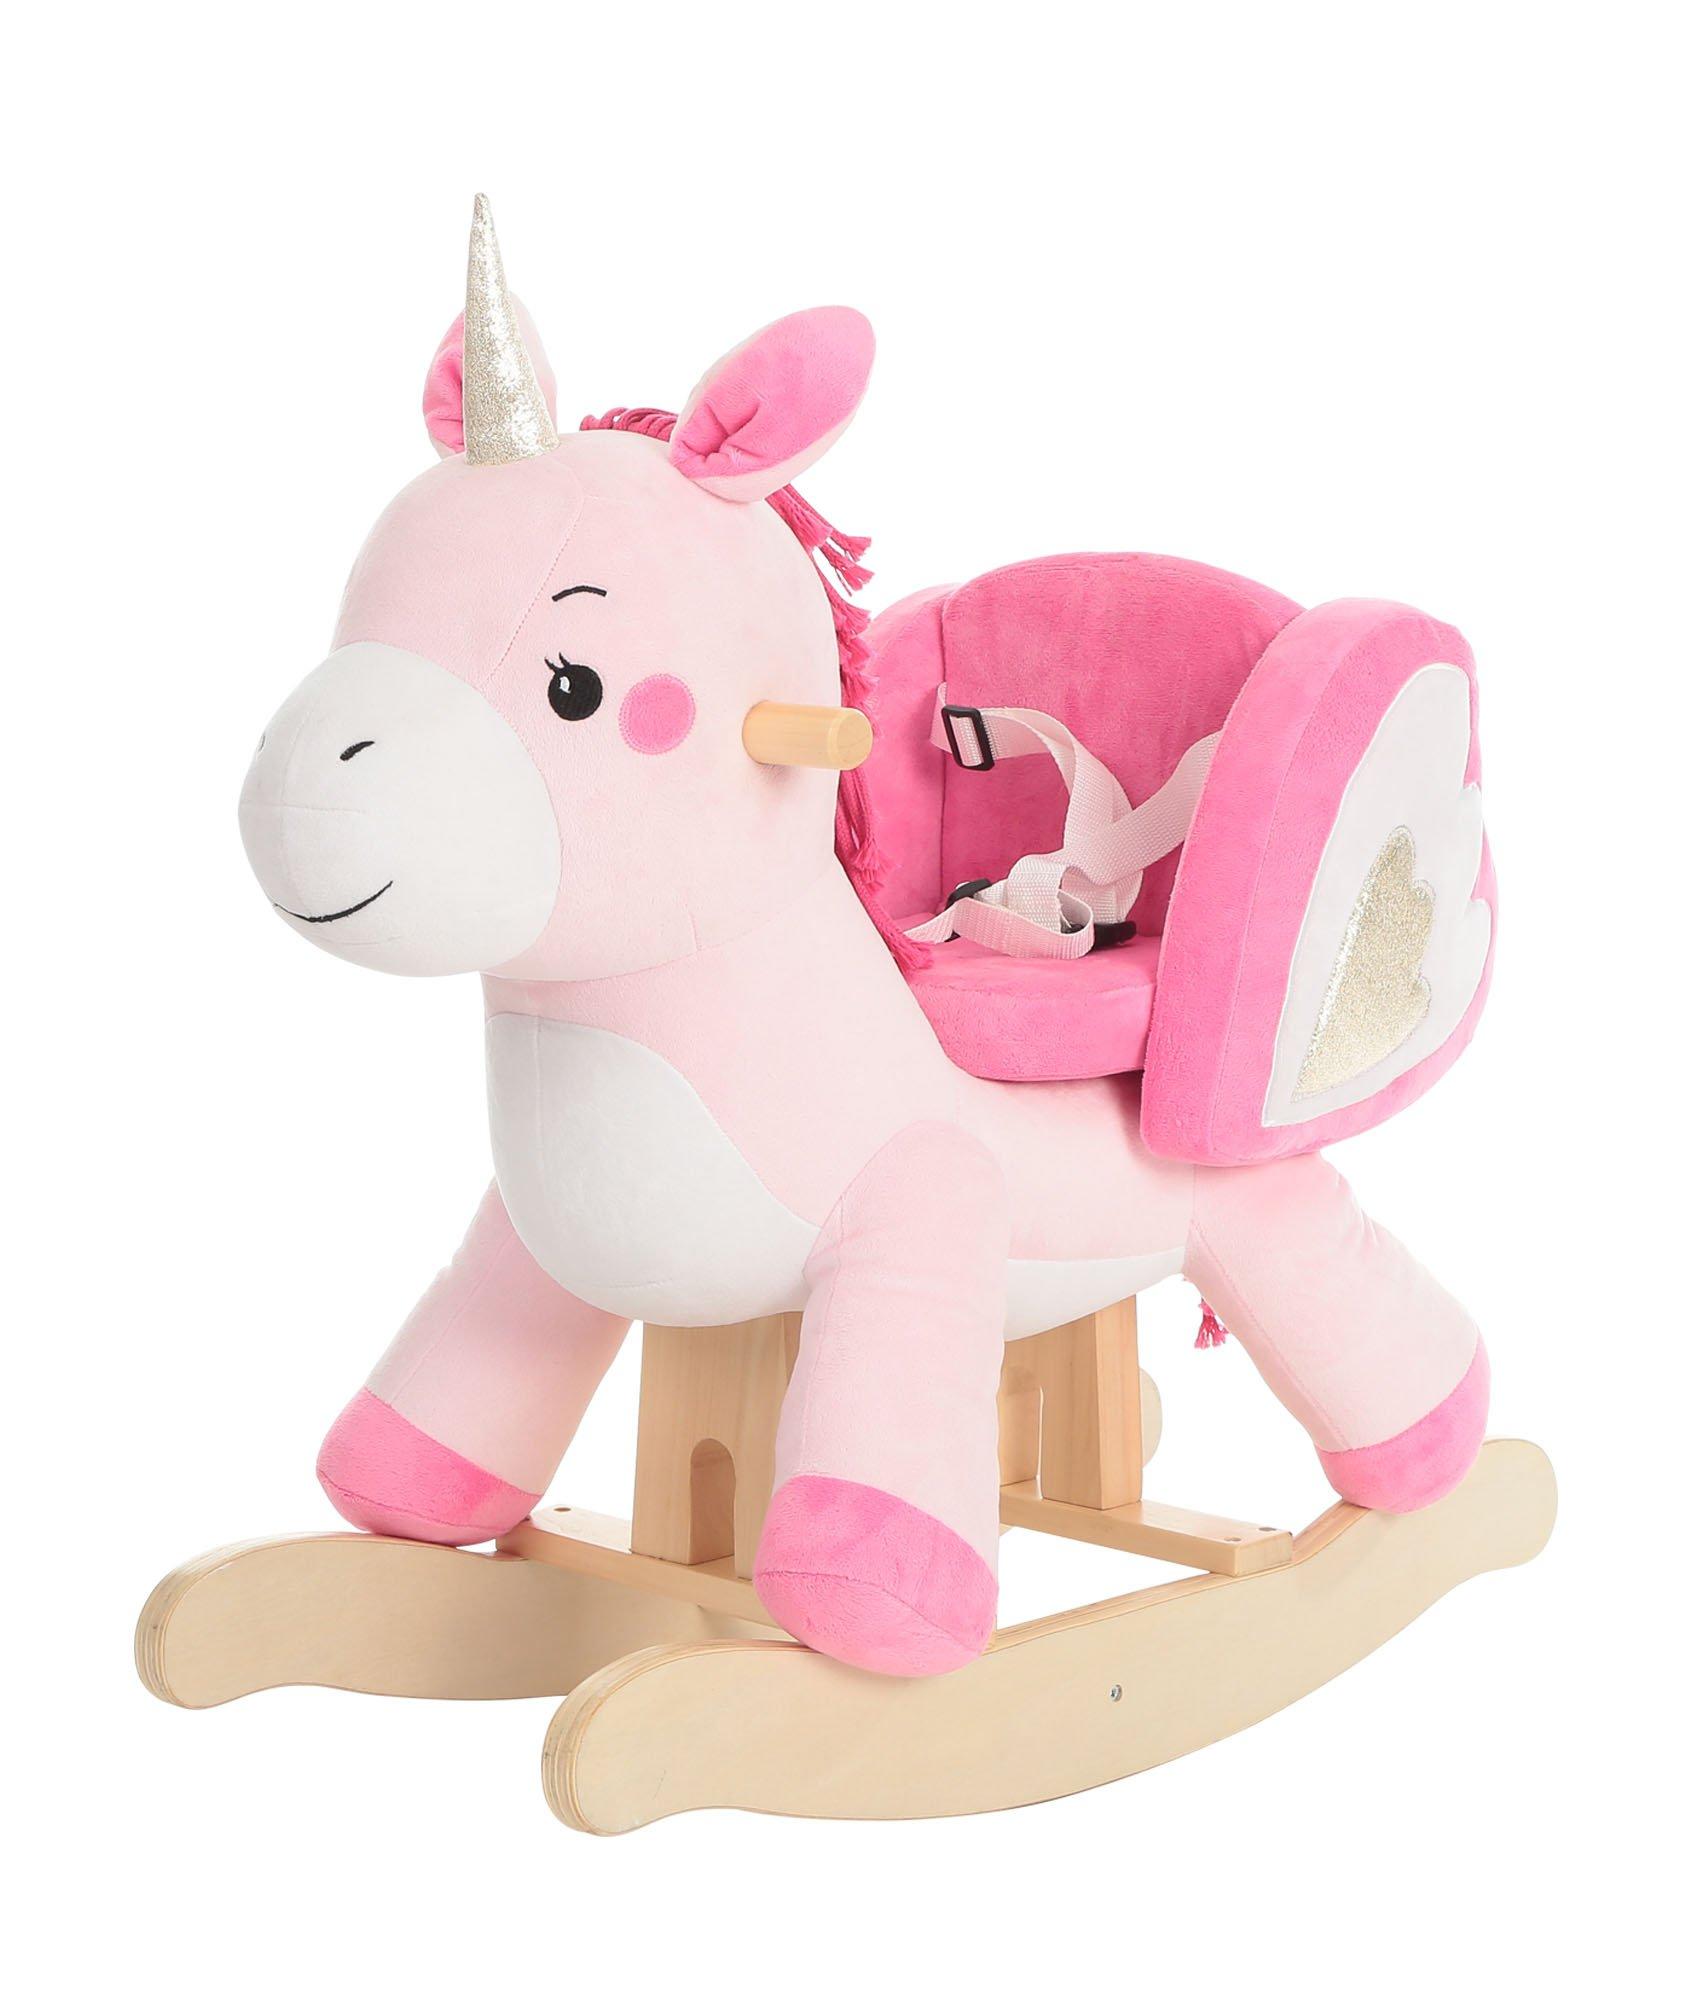 labebe Child Rocking Horse Toy, Pink Rocking Horse Plush, Unicorn Rocker Toy for Kid 1-3 Years, Stuffed Animal Rocker Toy/Child Rocking Toy for Girl/Wooden Rocking Horse Pink/Rocker/Animal Ride on